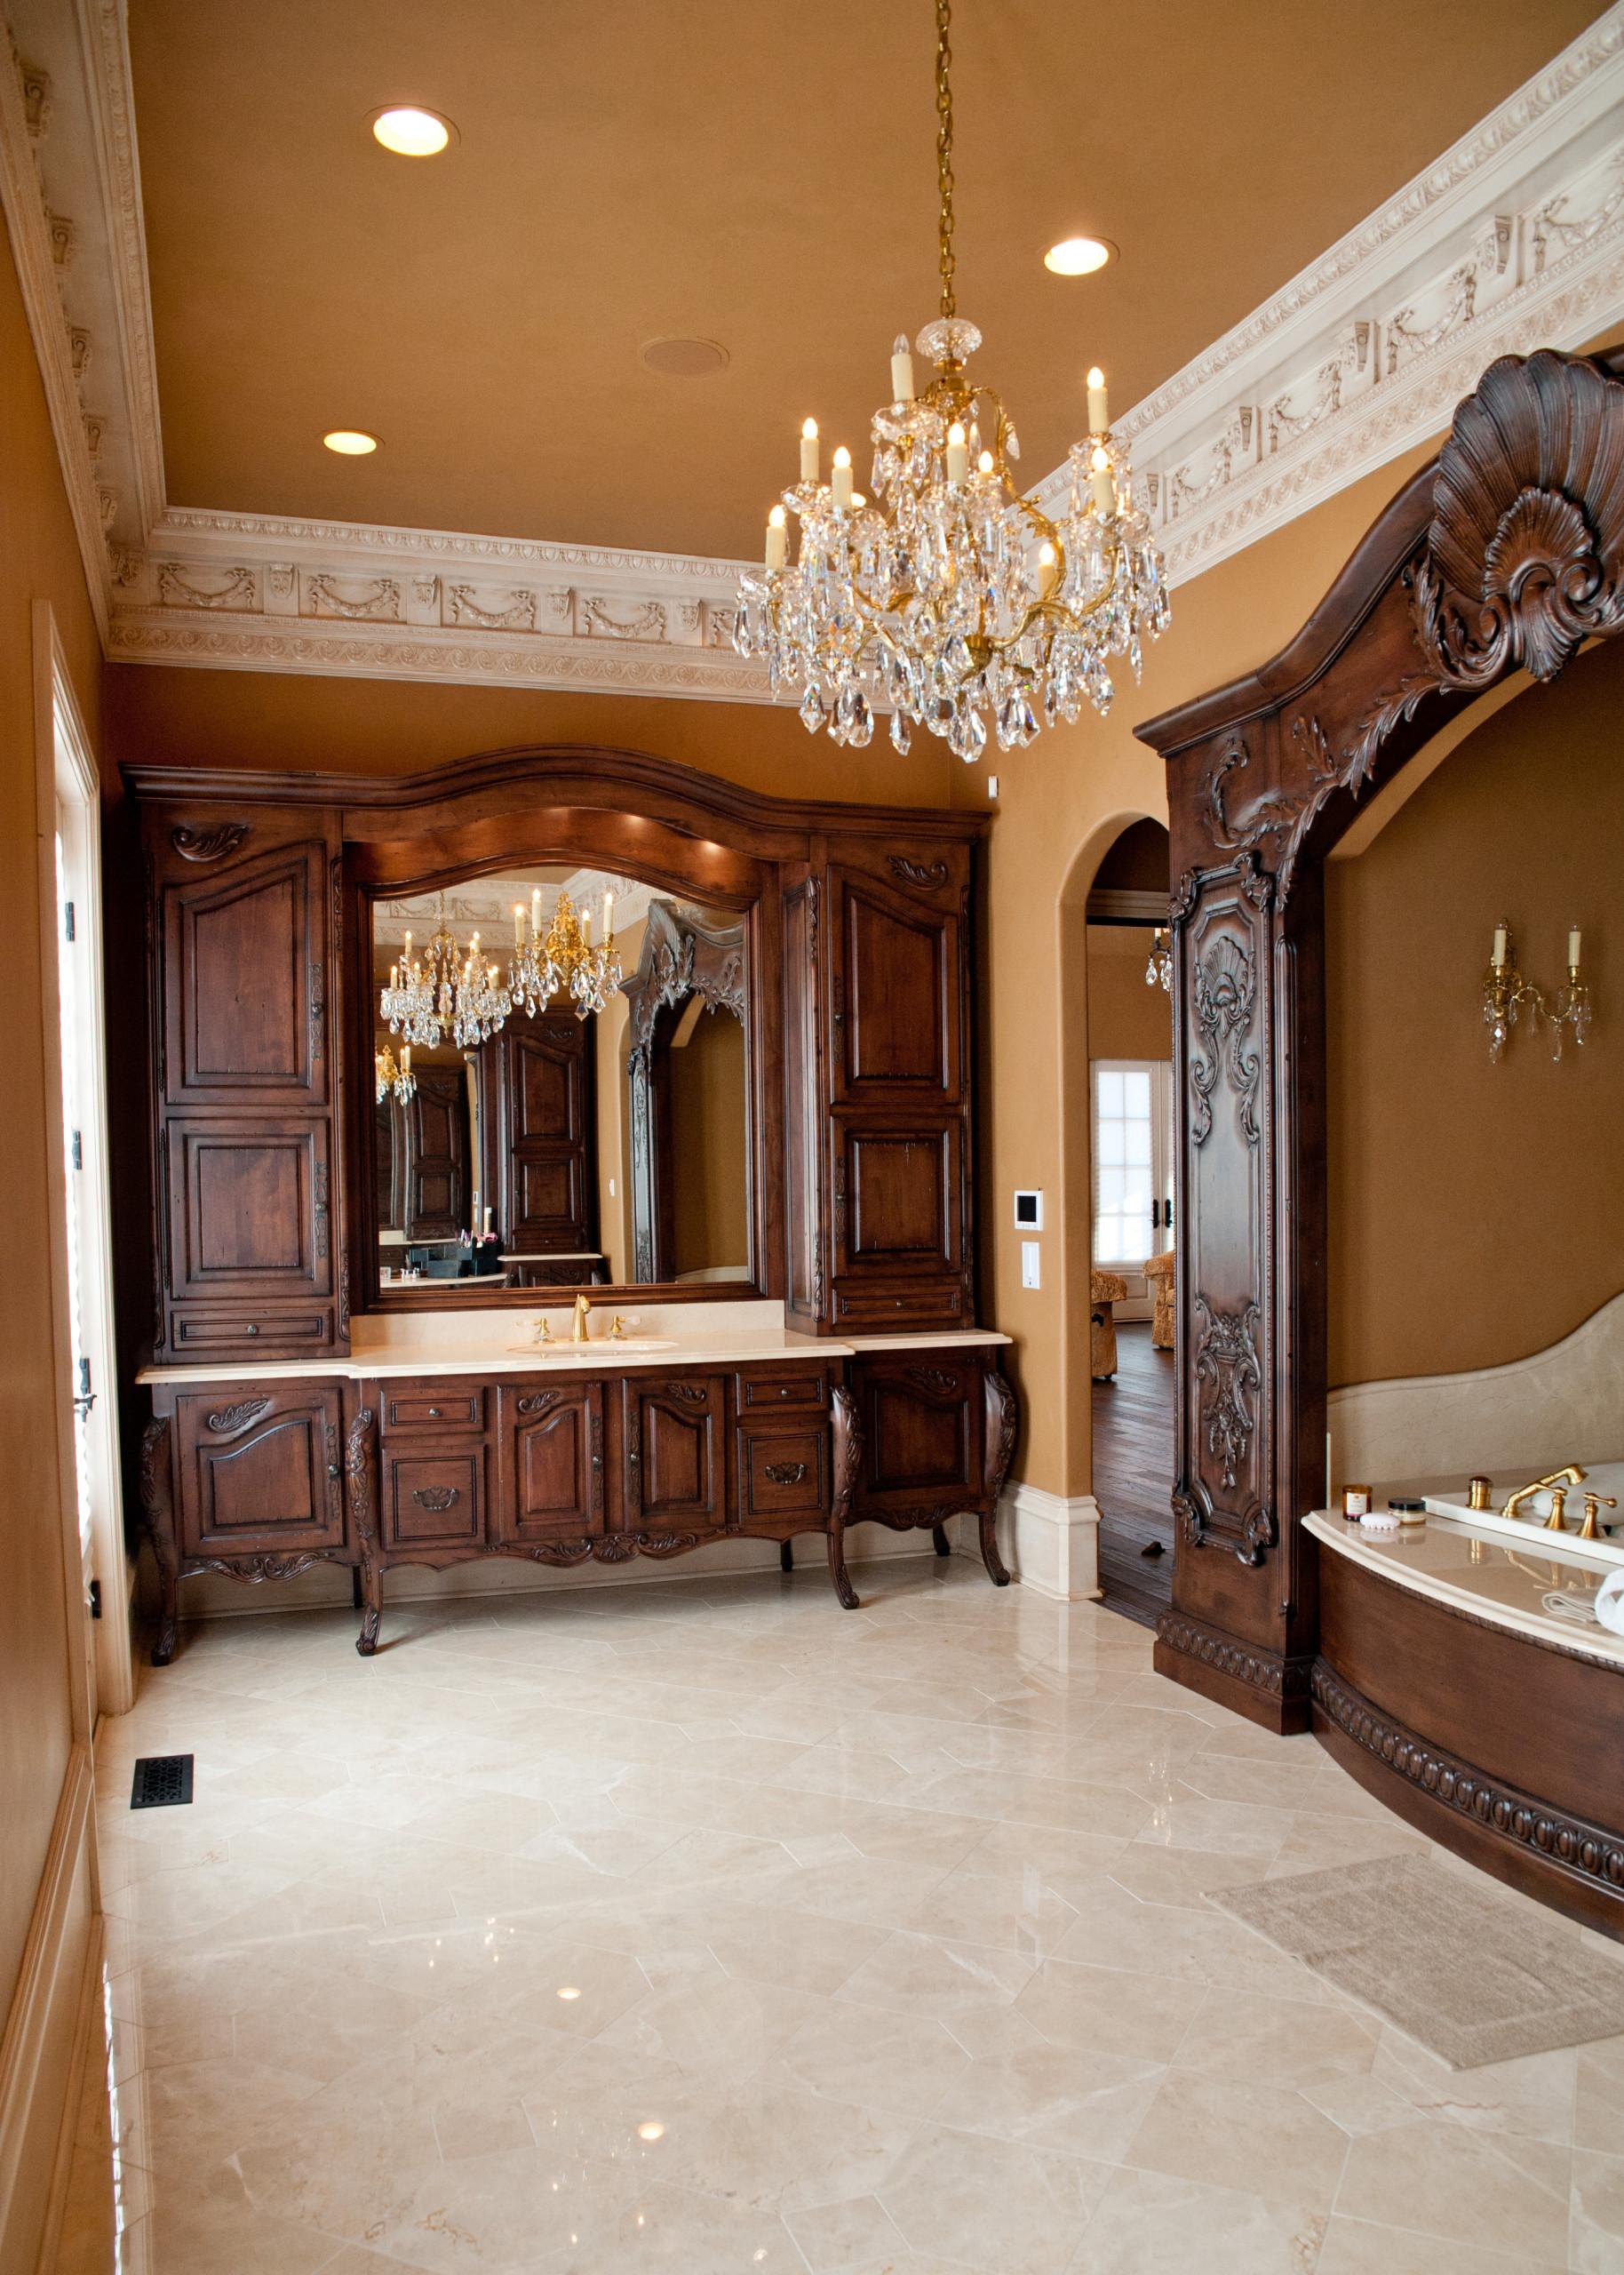 Chateau Vanities